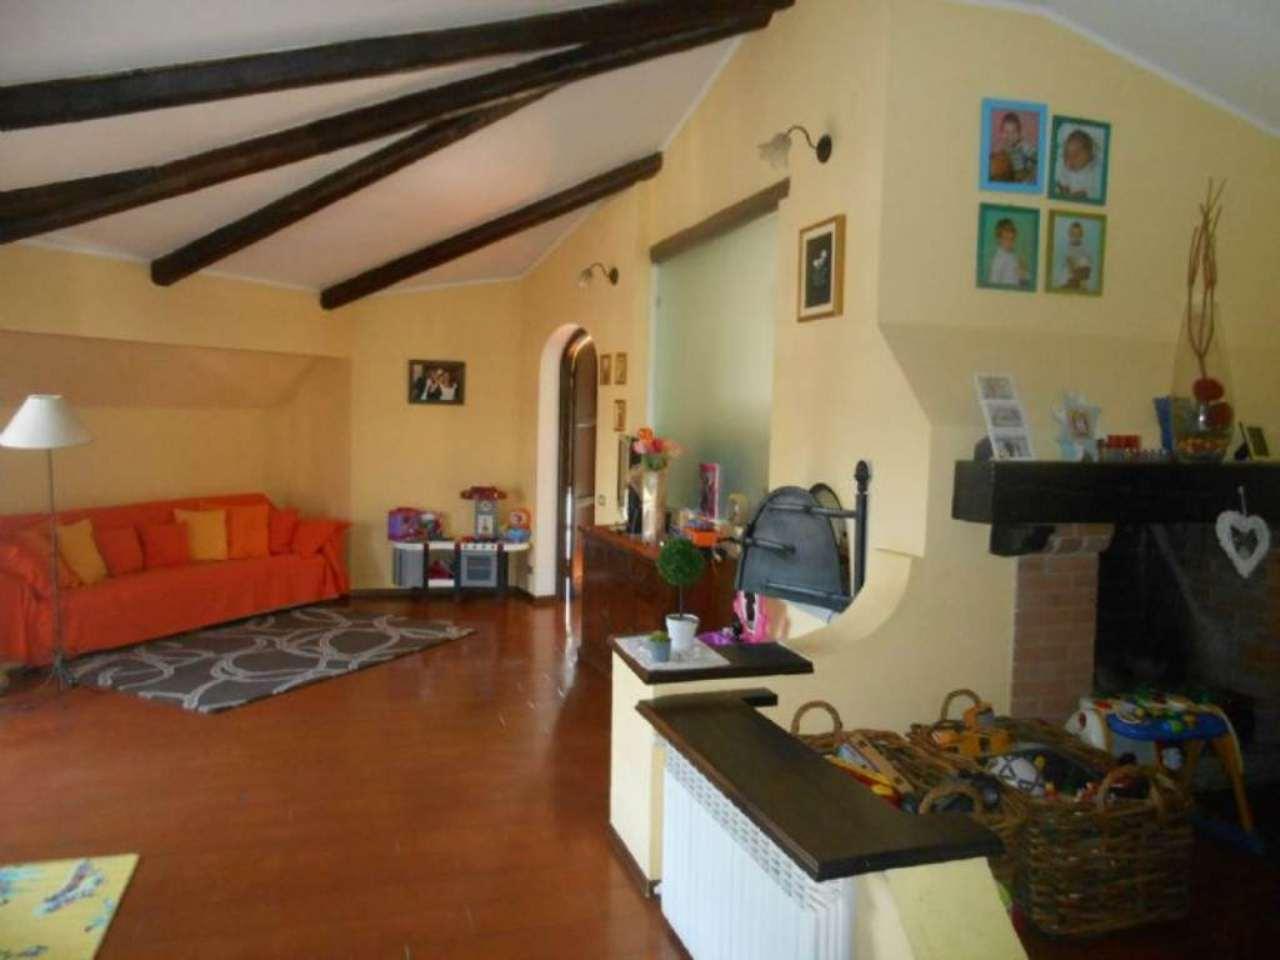 Soluzione Indipendente in vendita a Castelnuovo Don Bosco, 7 locali, prezzo € 175.000 | CambioCasa.it